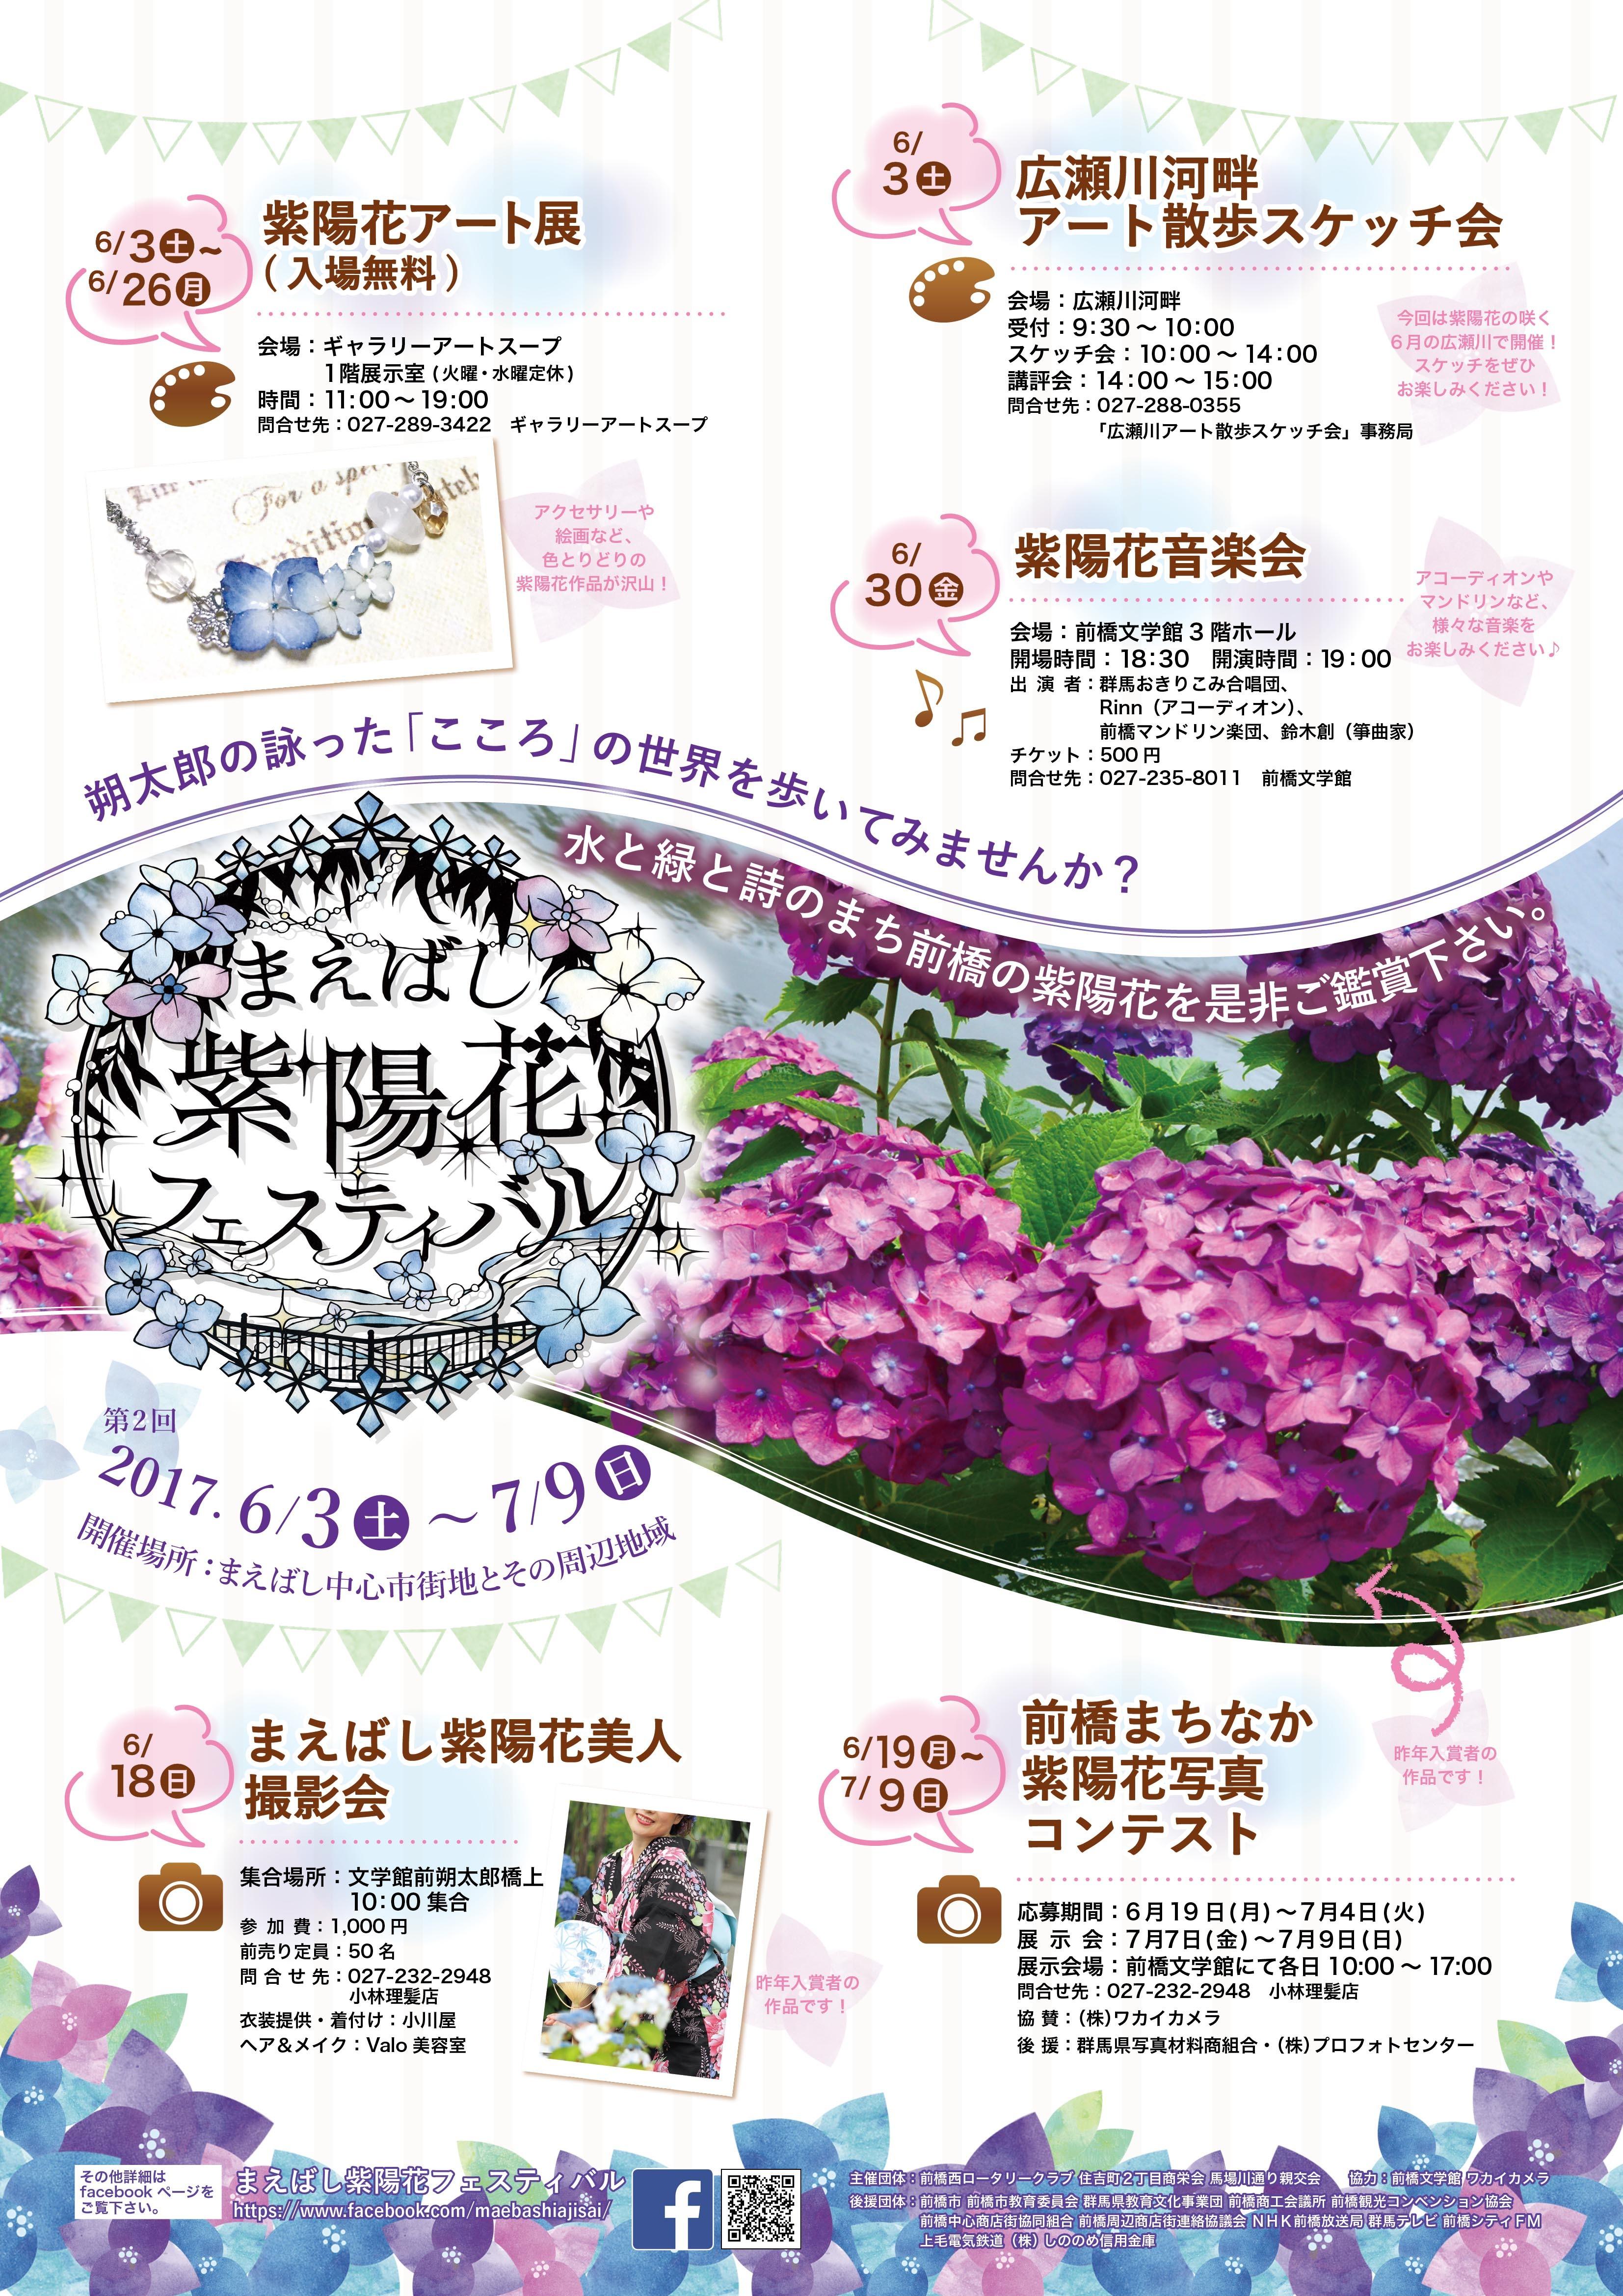 まえばし紫陽花フェスティバル2017